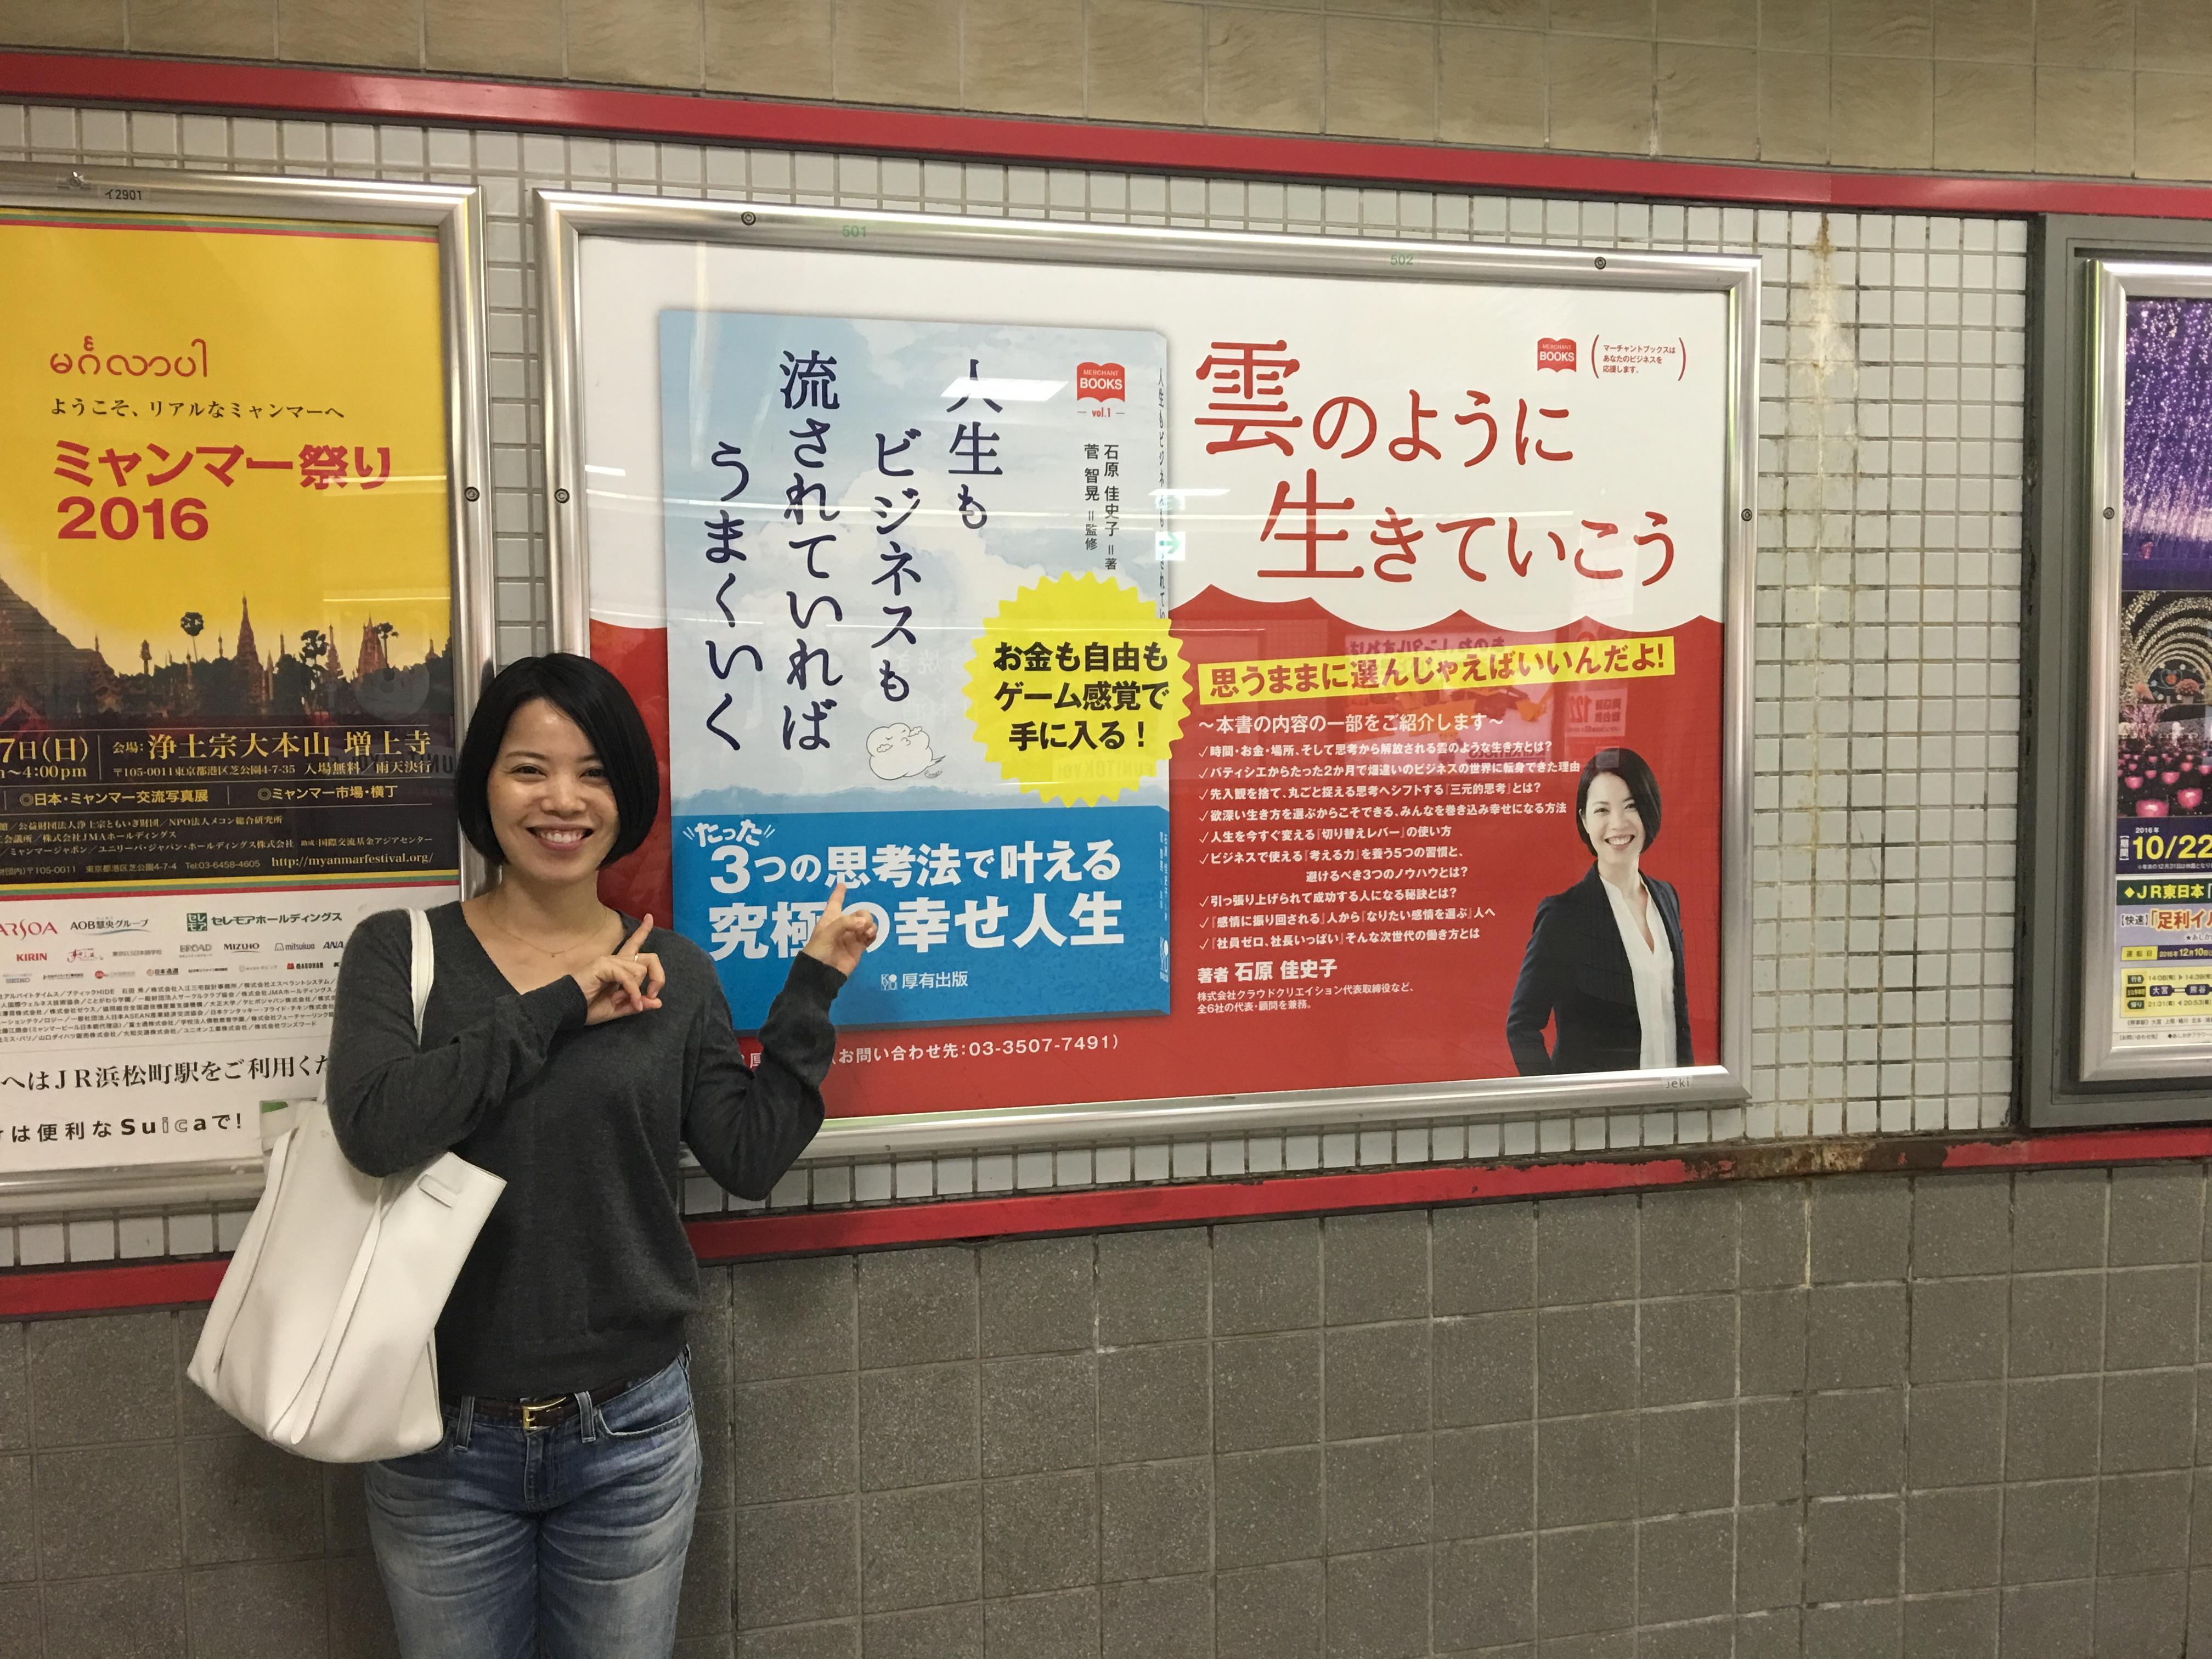 目黒駅構内ポスター